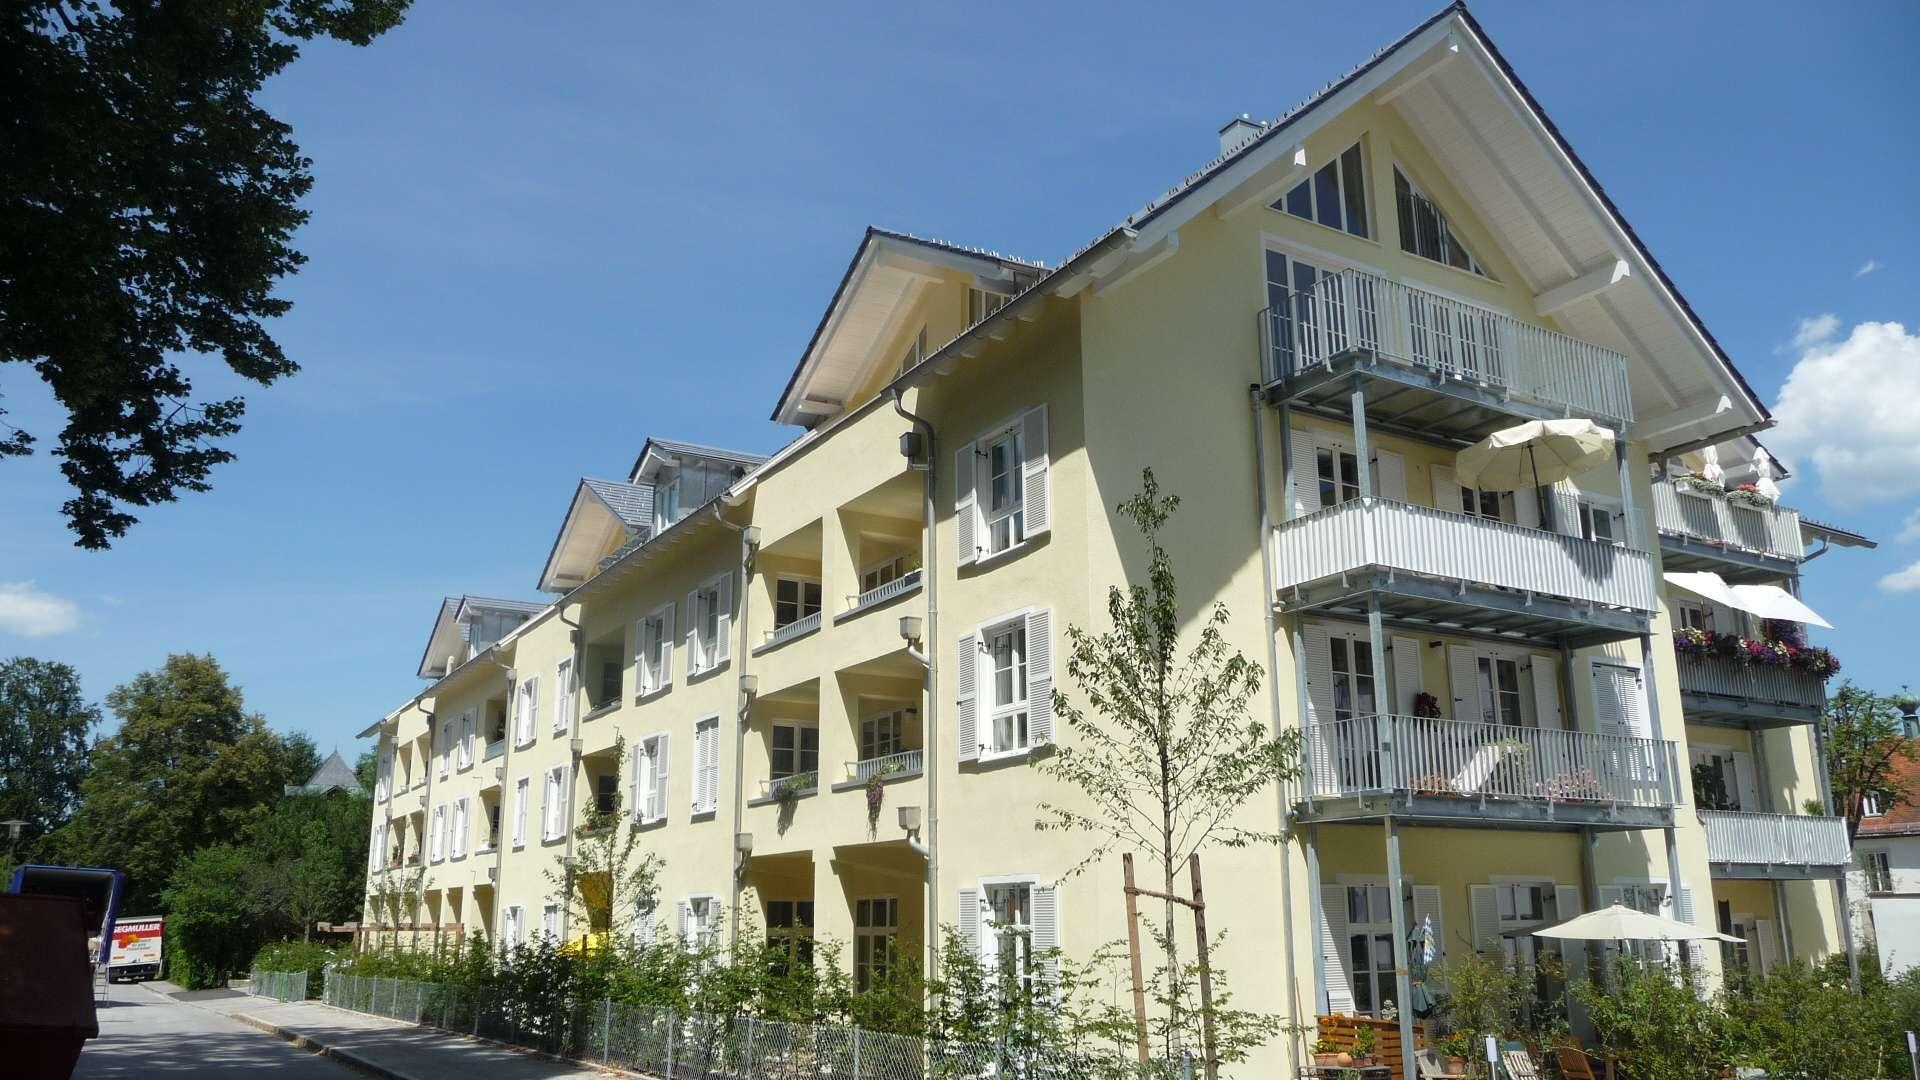 Kaiserlich wohnen in den Kaisergärten von Bad Tölz